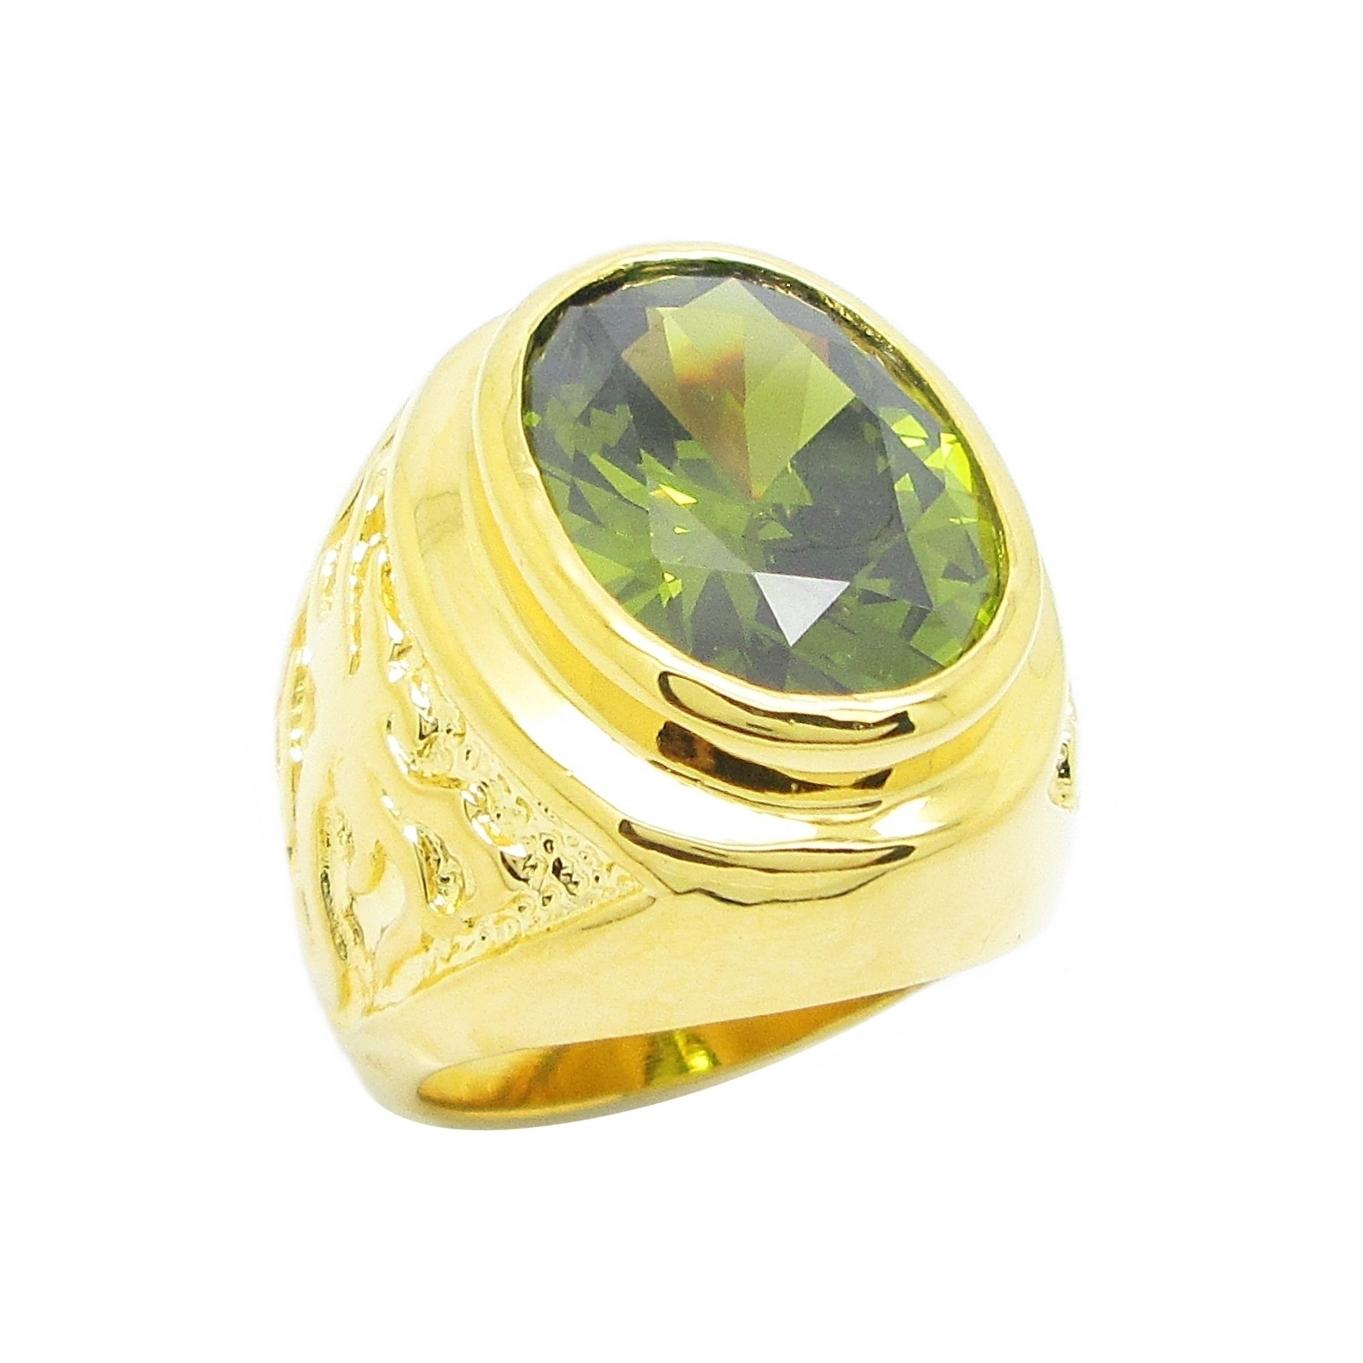 แหวนผู้ชายพลอยรูปไข่สีเขียวส่องประดับลายฉลุมังกรชุบทอง